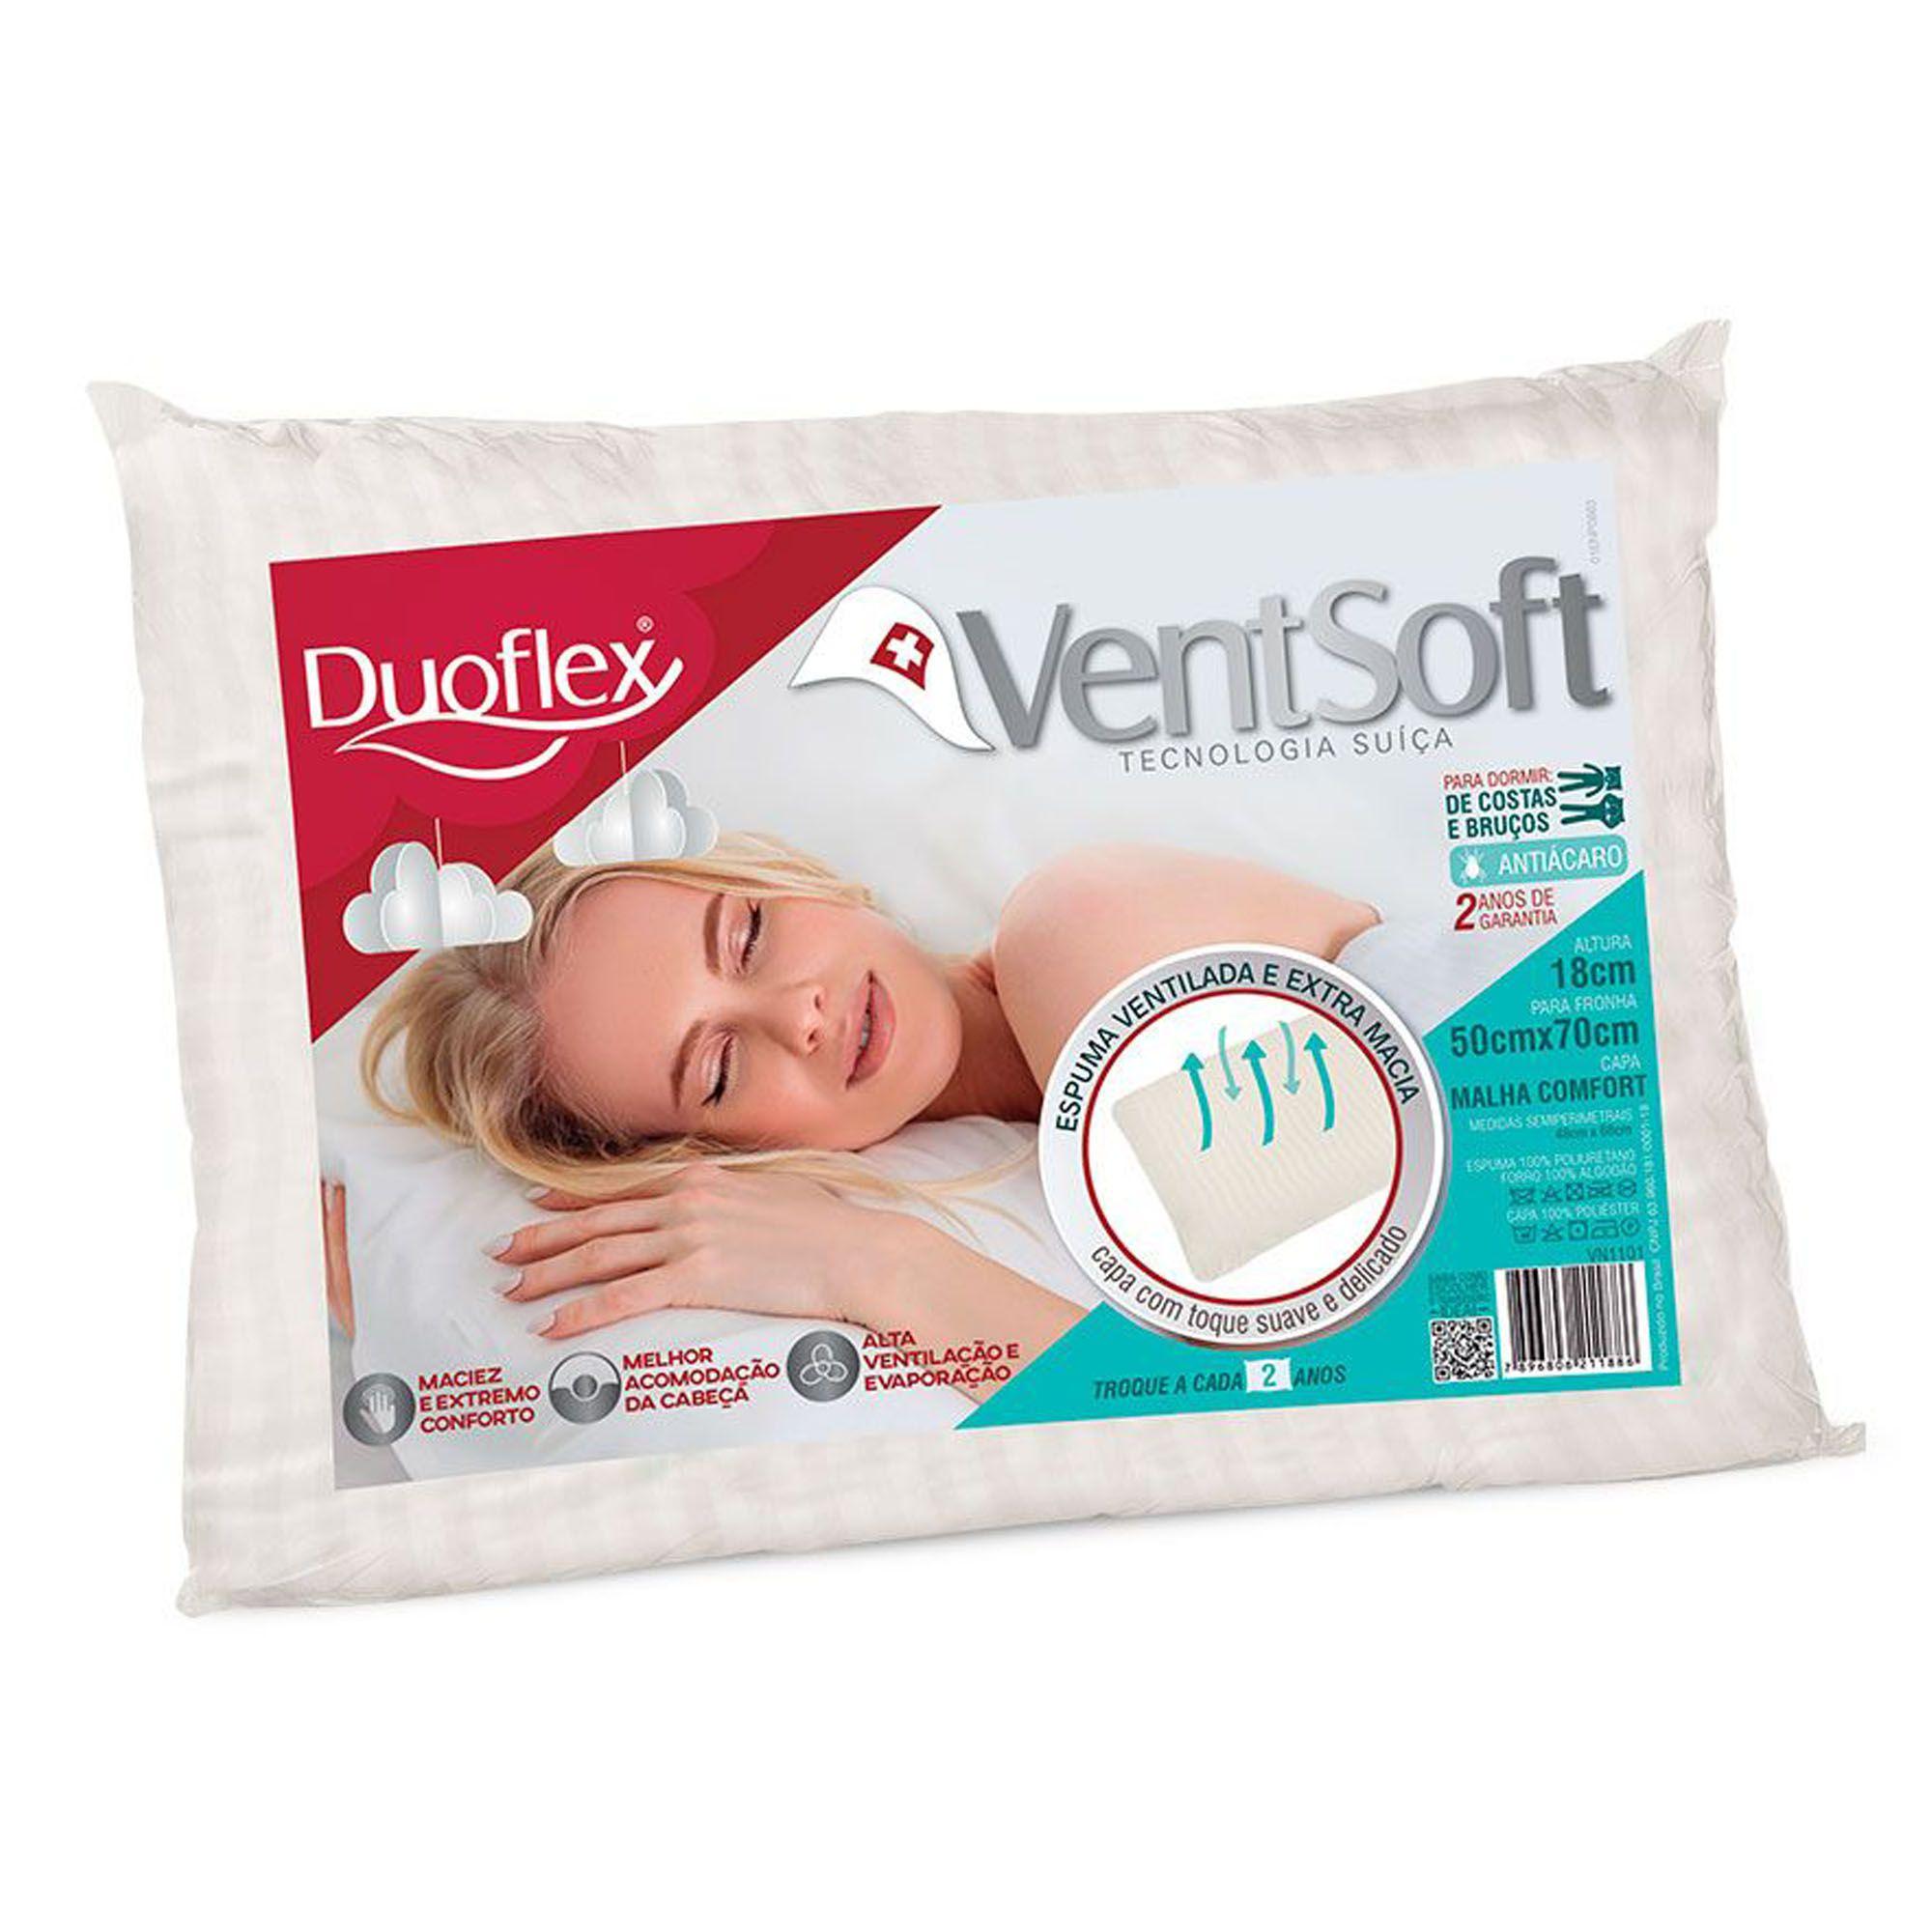 Travesseiro Duoflex Ventsoft, Macio, 050 x 070 x 018 cm